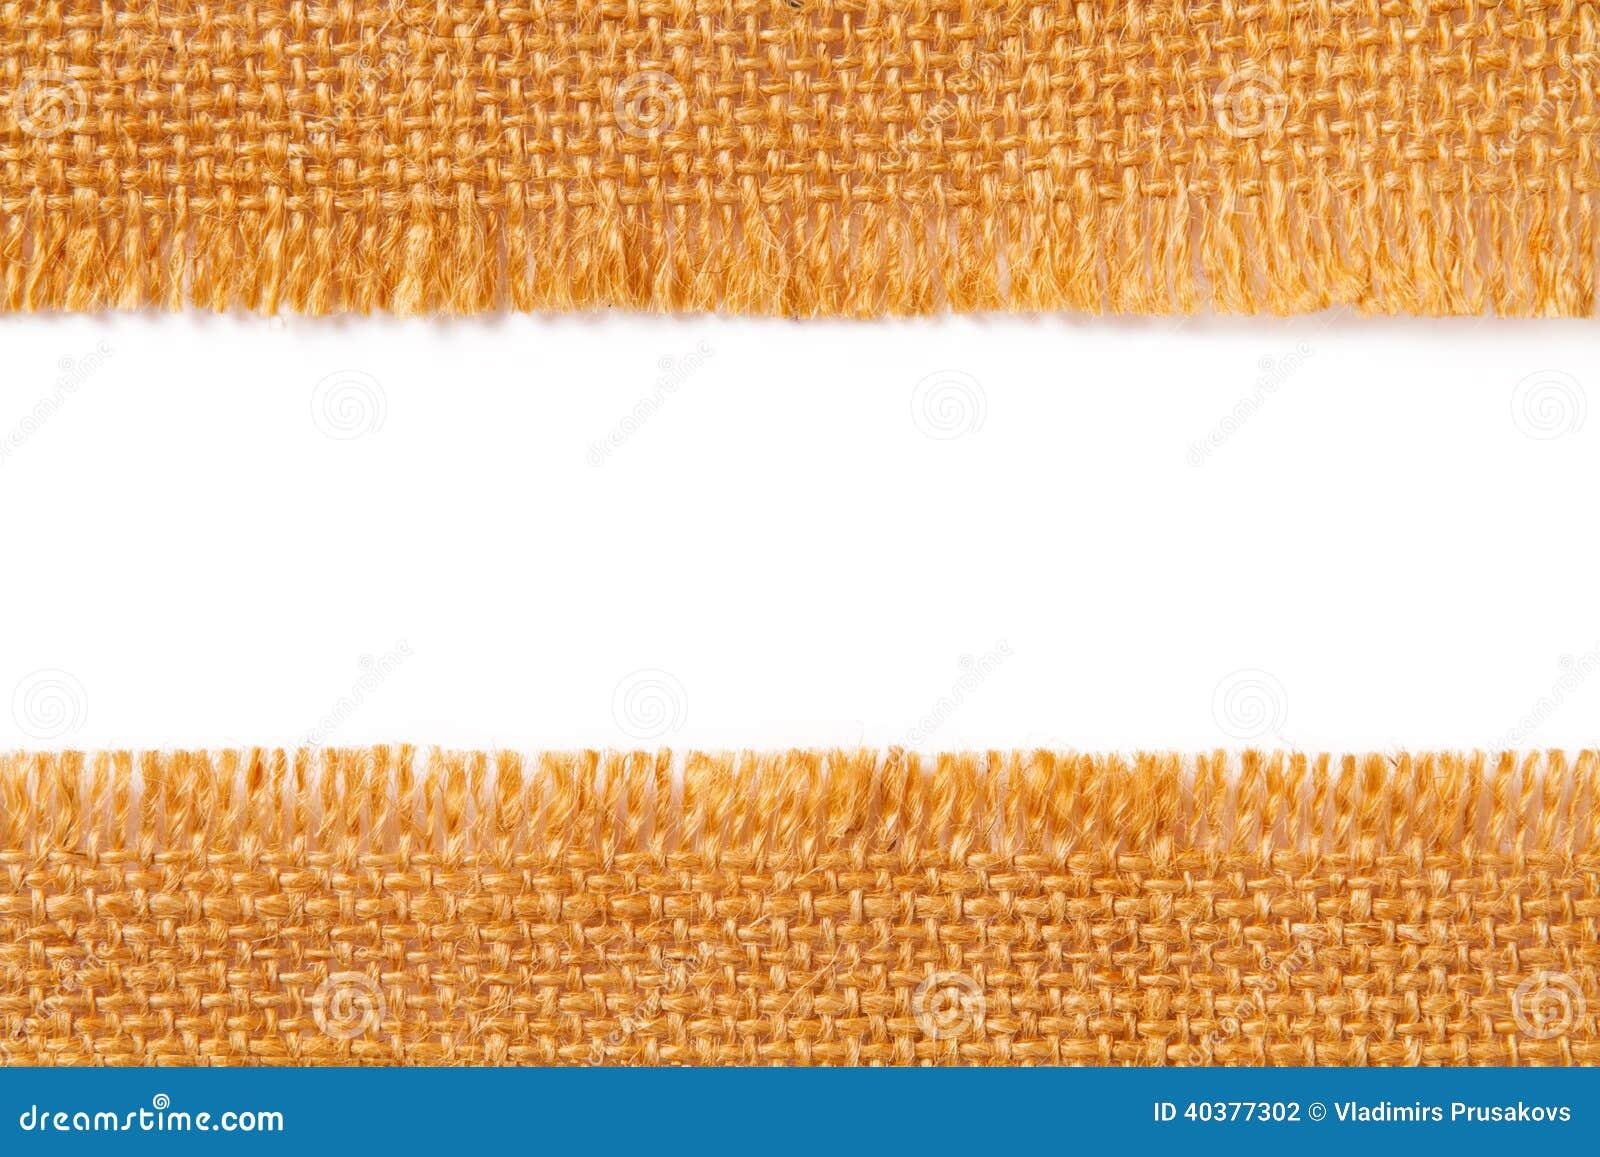 Limite a textura da tela do pano de despedida de linho rasgado, borda rasgada o